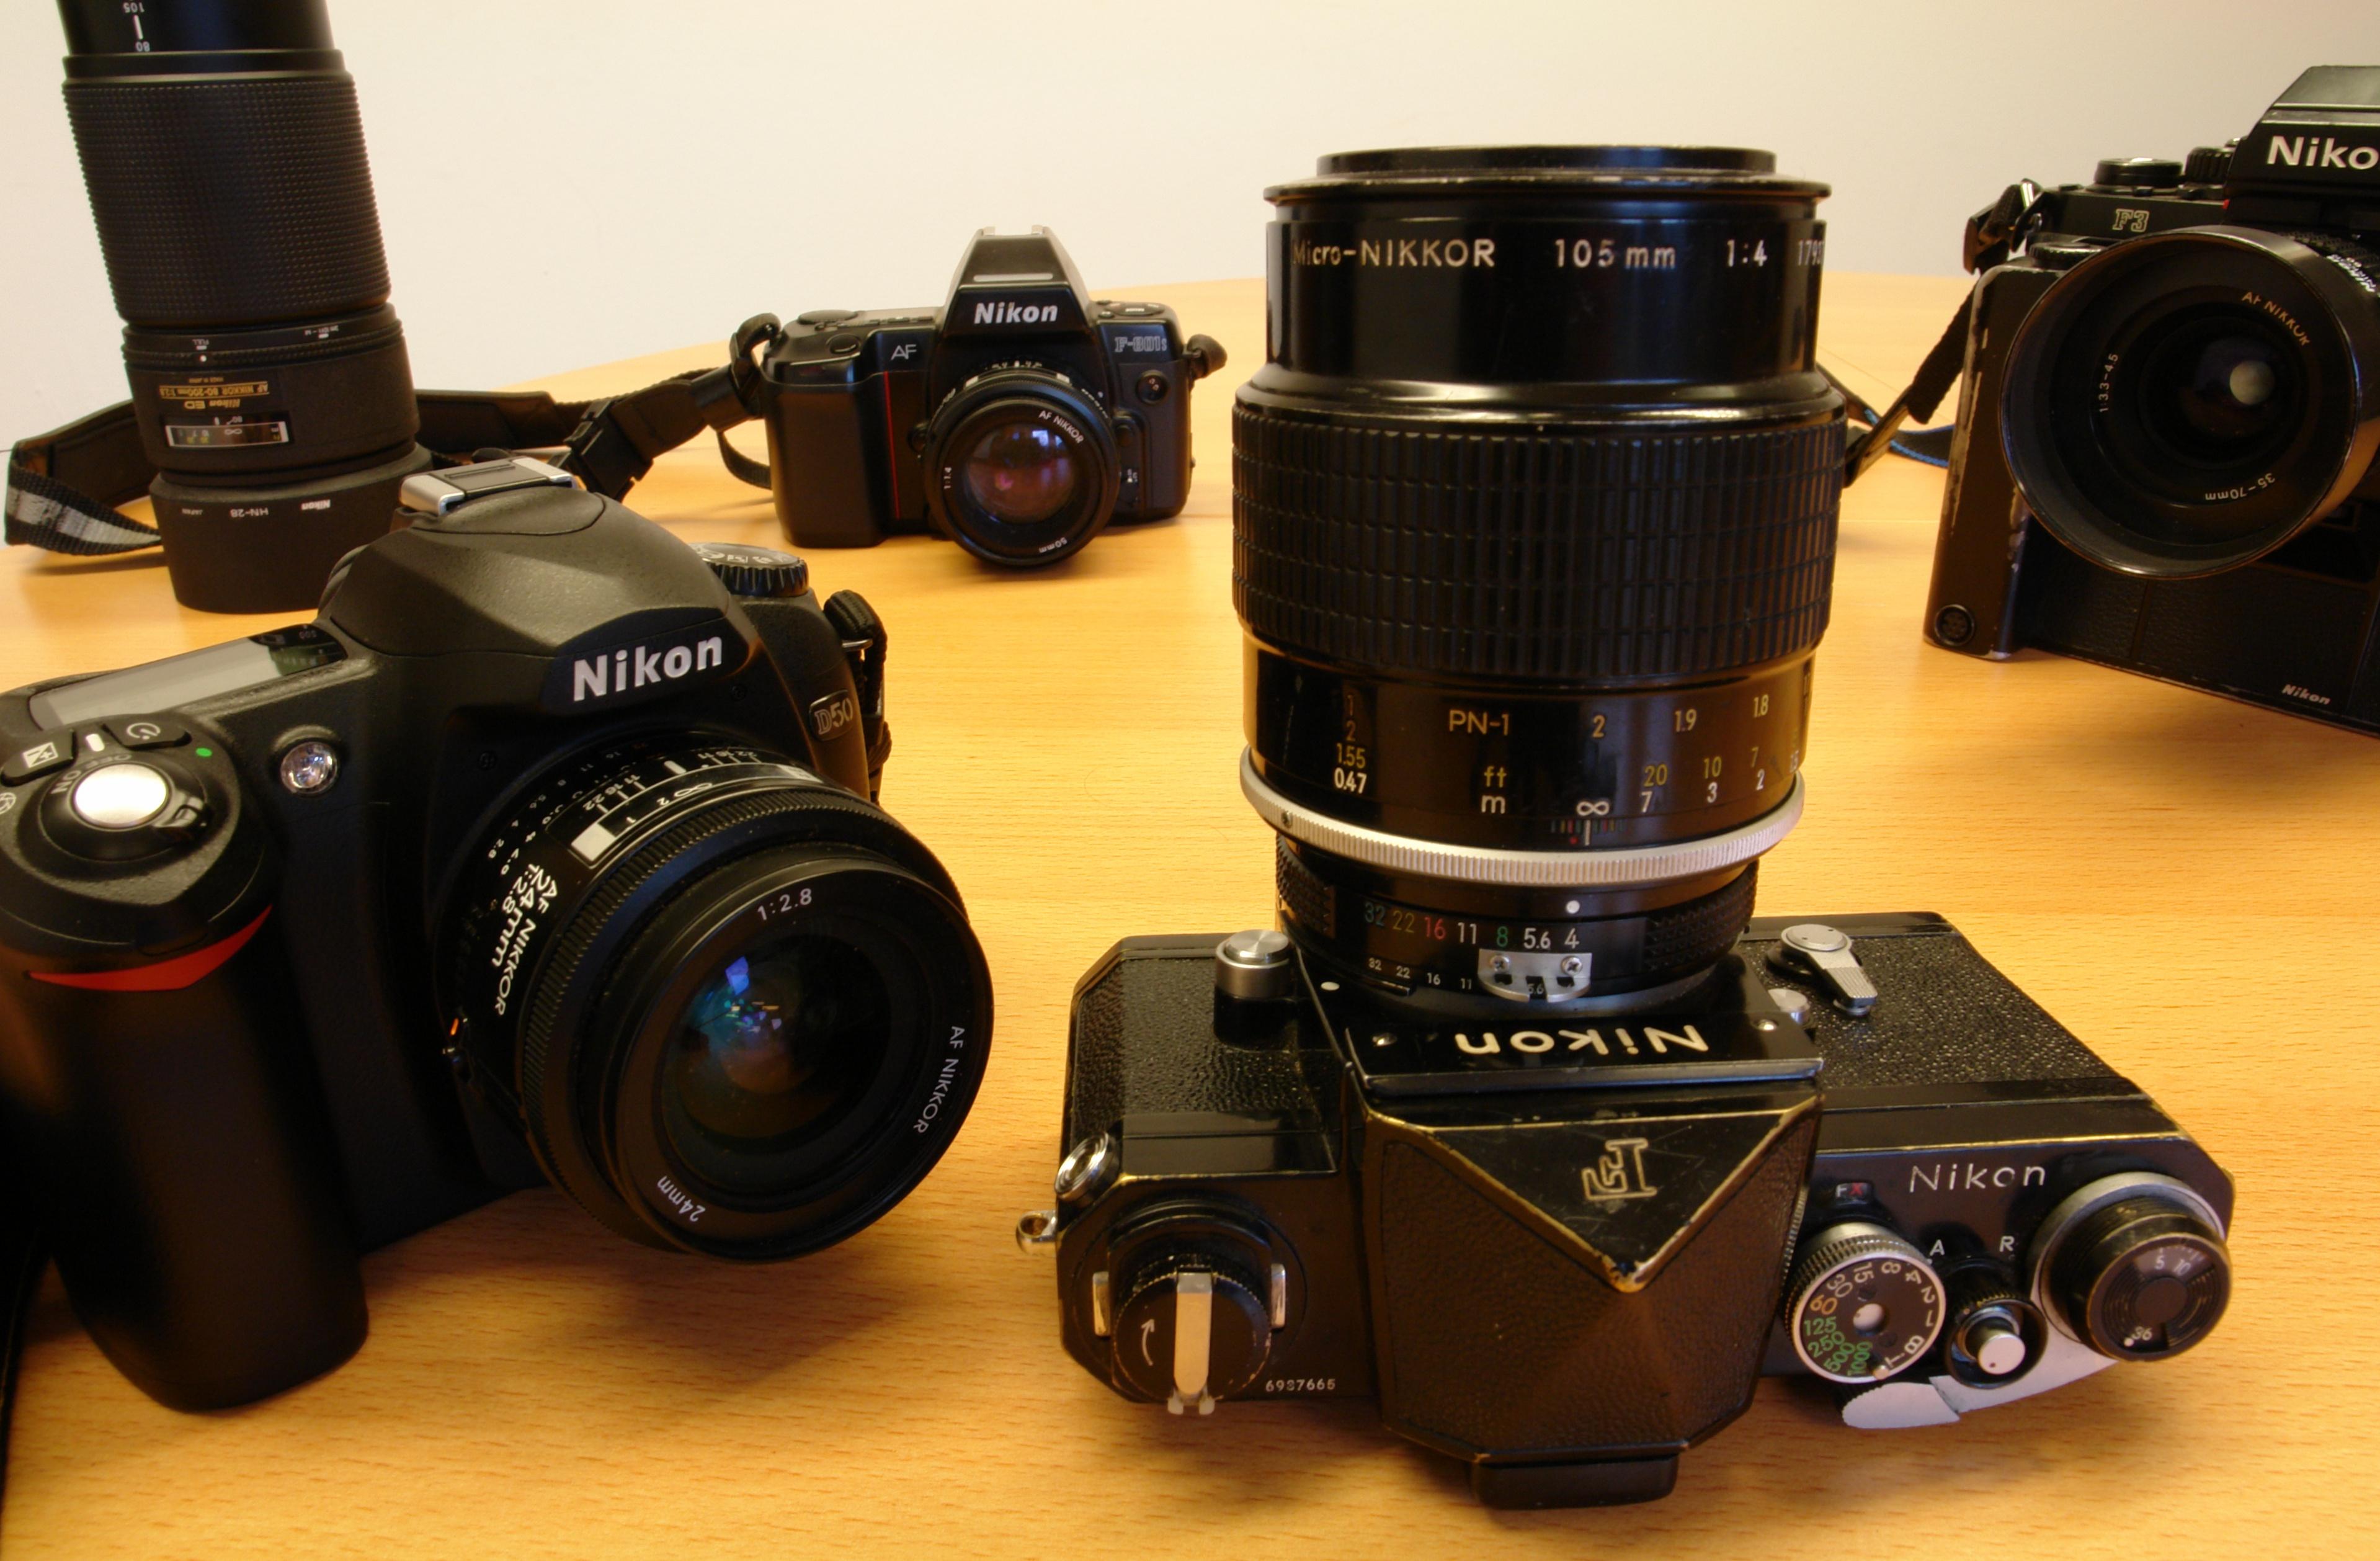 Dating Nikon kikare gratis dejtingsajter Bristol